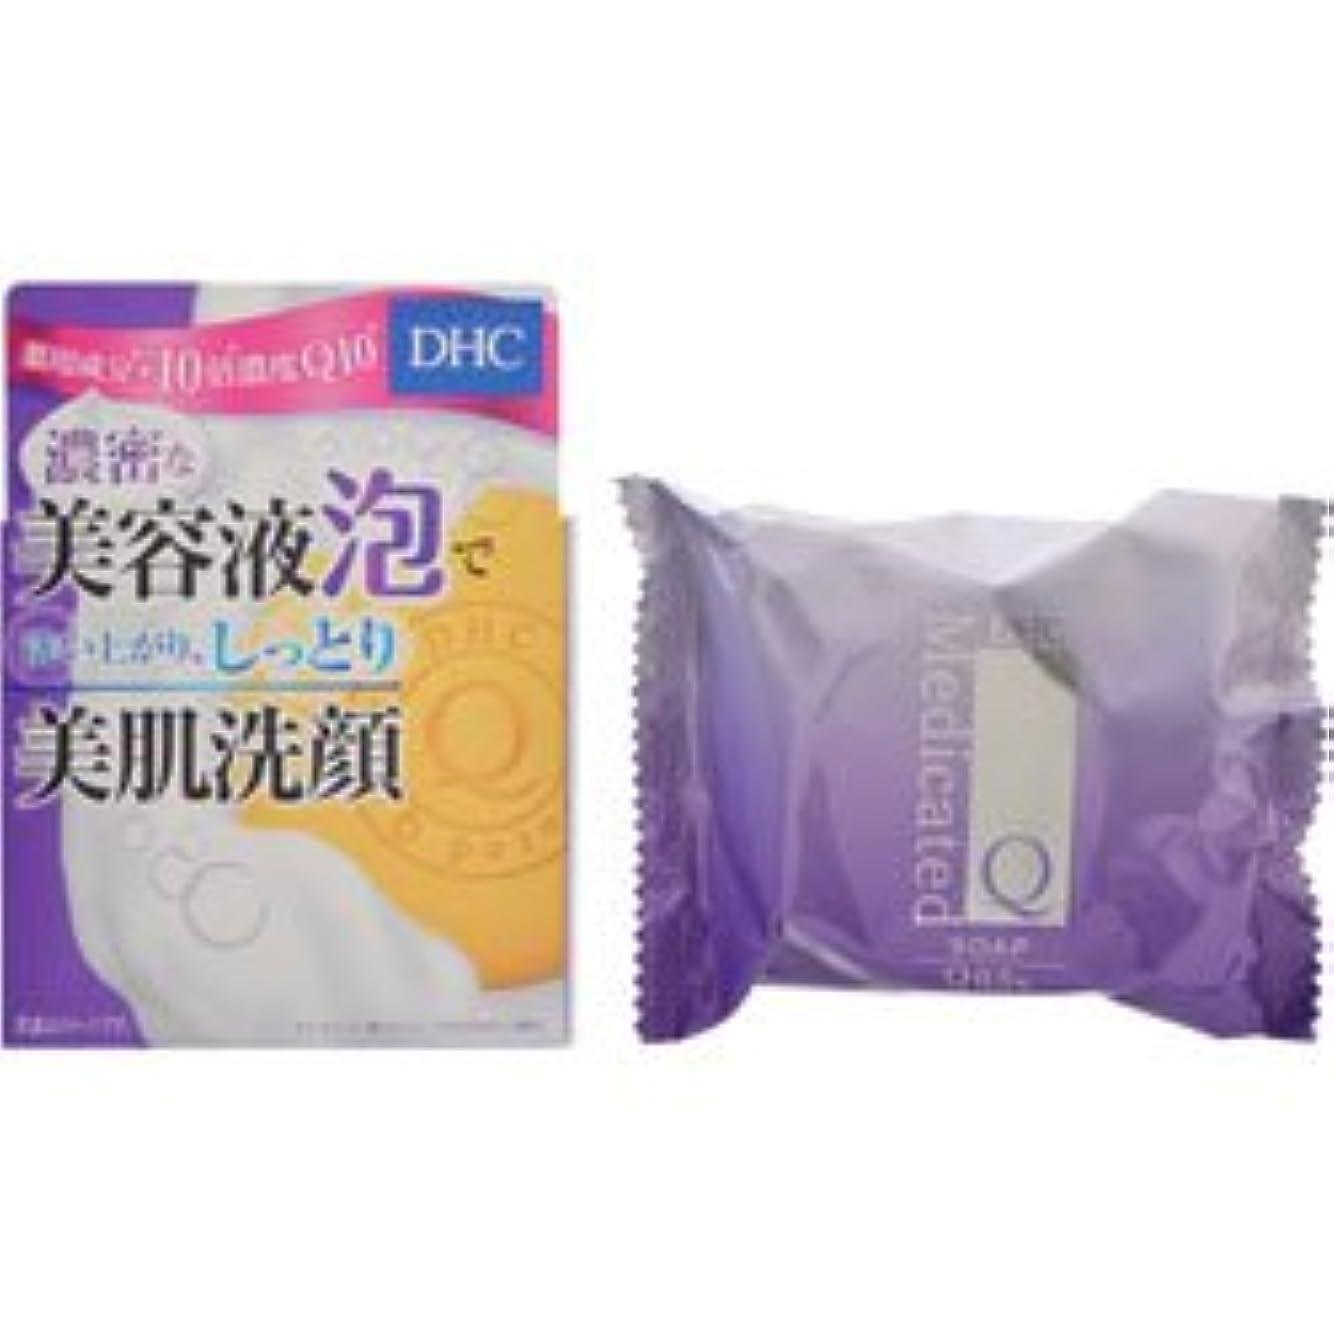 免疫臭い砂の【DHC】DHC 薬用Qソープ SS 60g ×20個セット